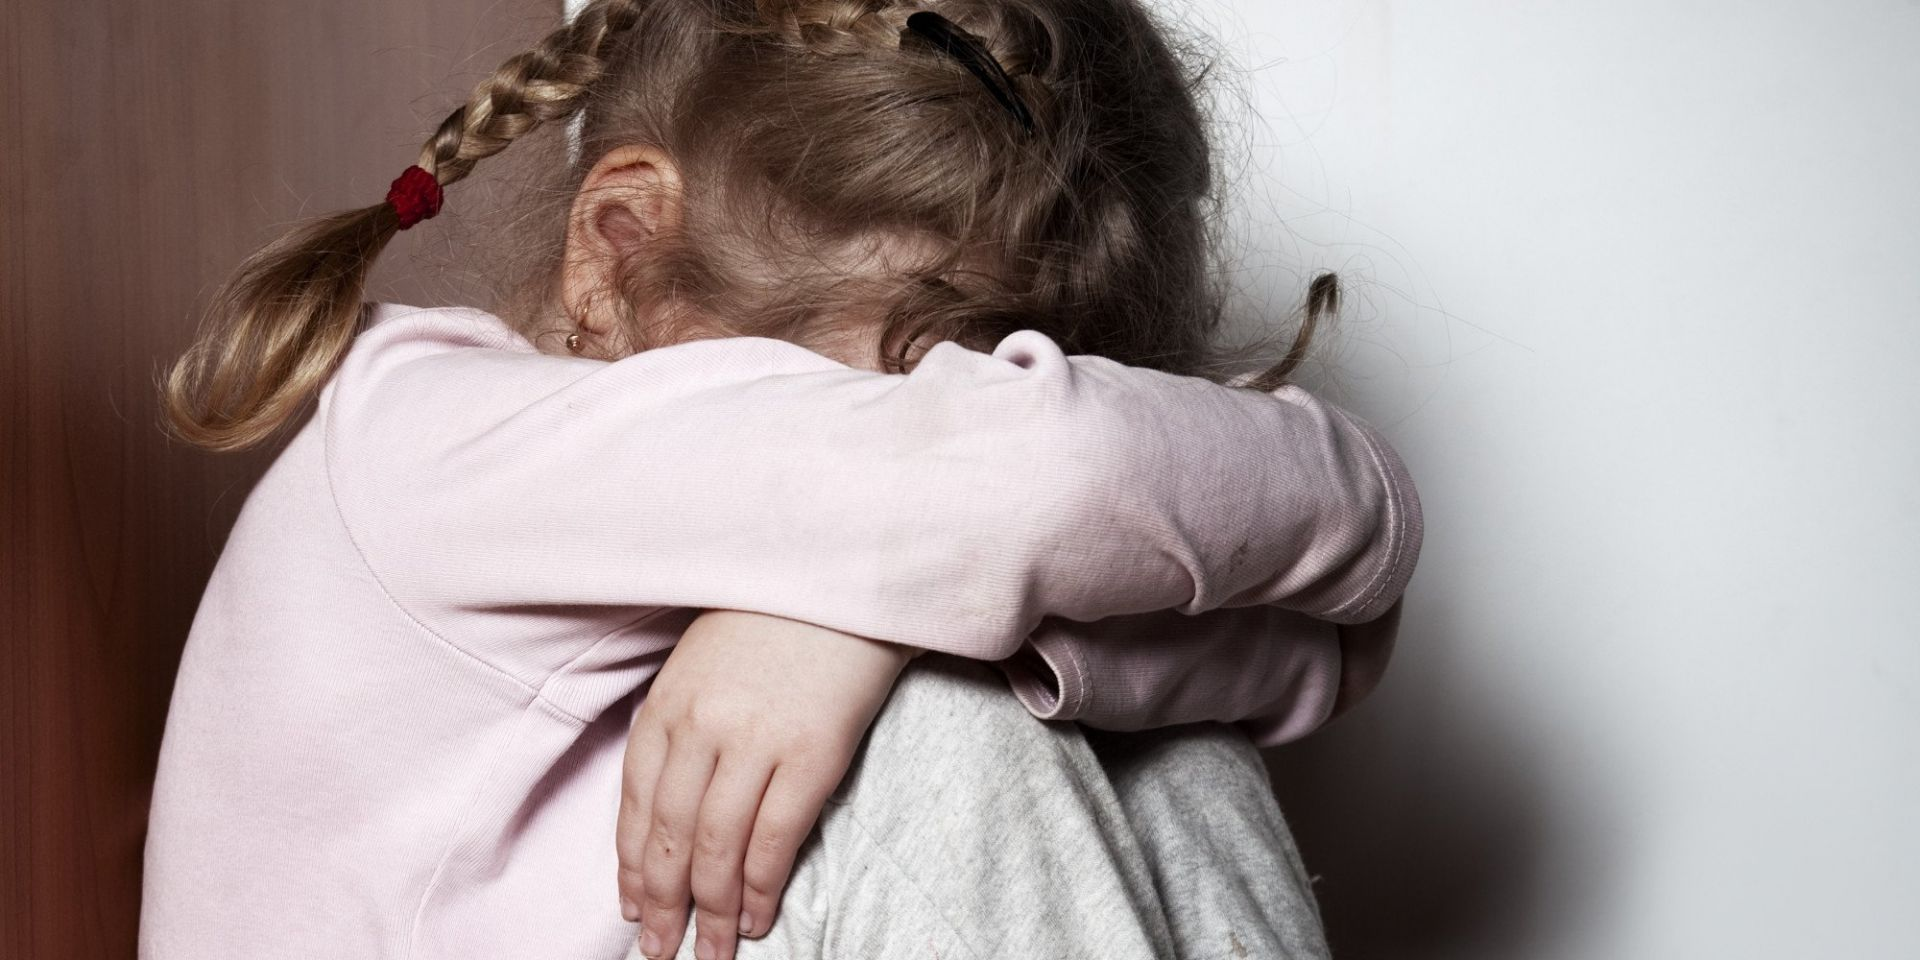 Я трахул дочь в жопу, Видеозаписи Лучшее порно в сети ВКонтакте 2 фотография